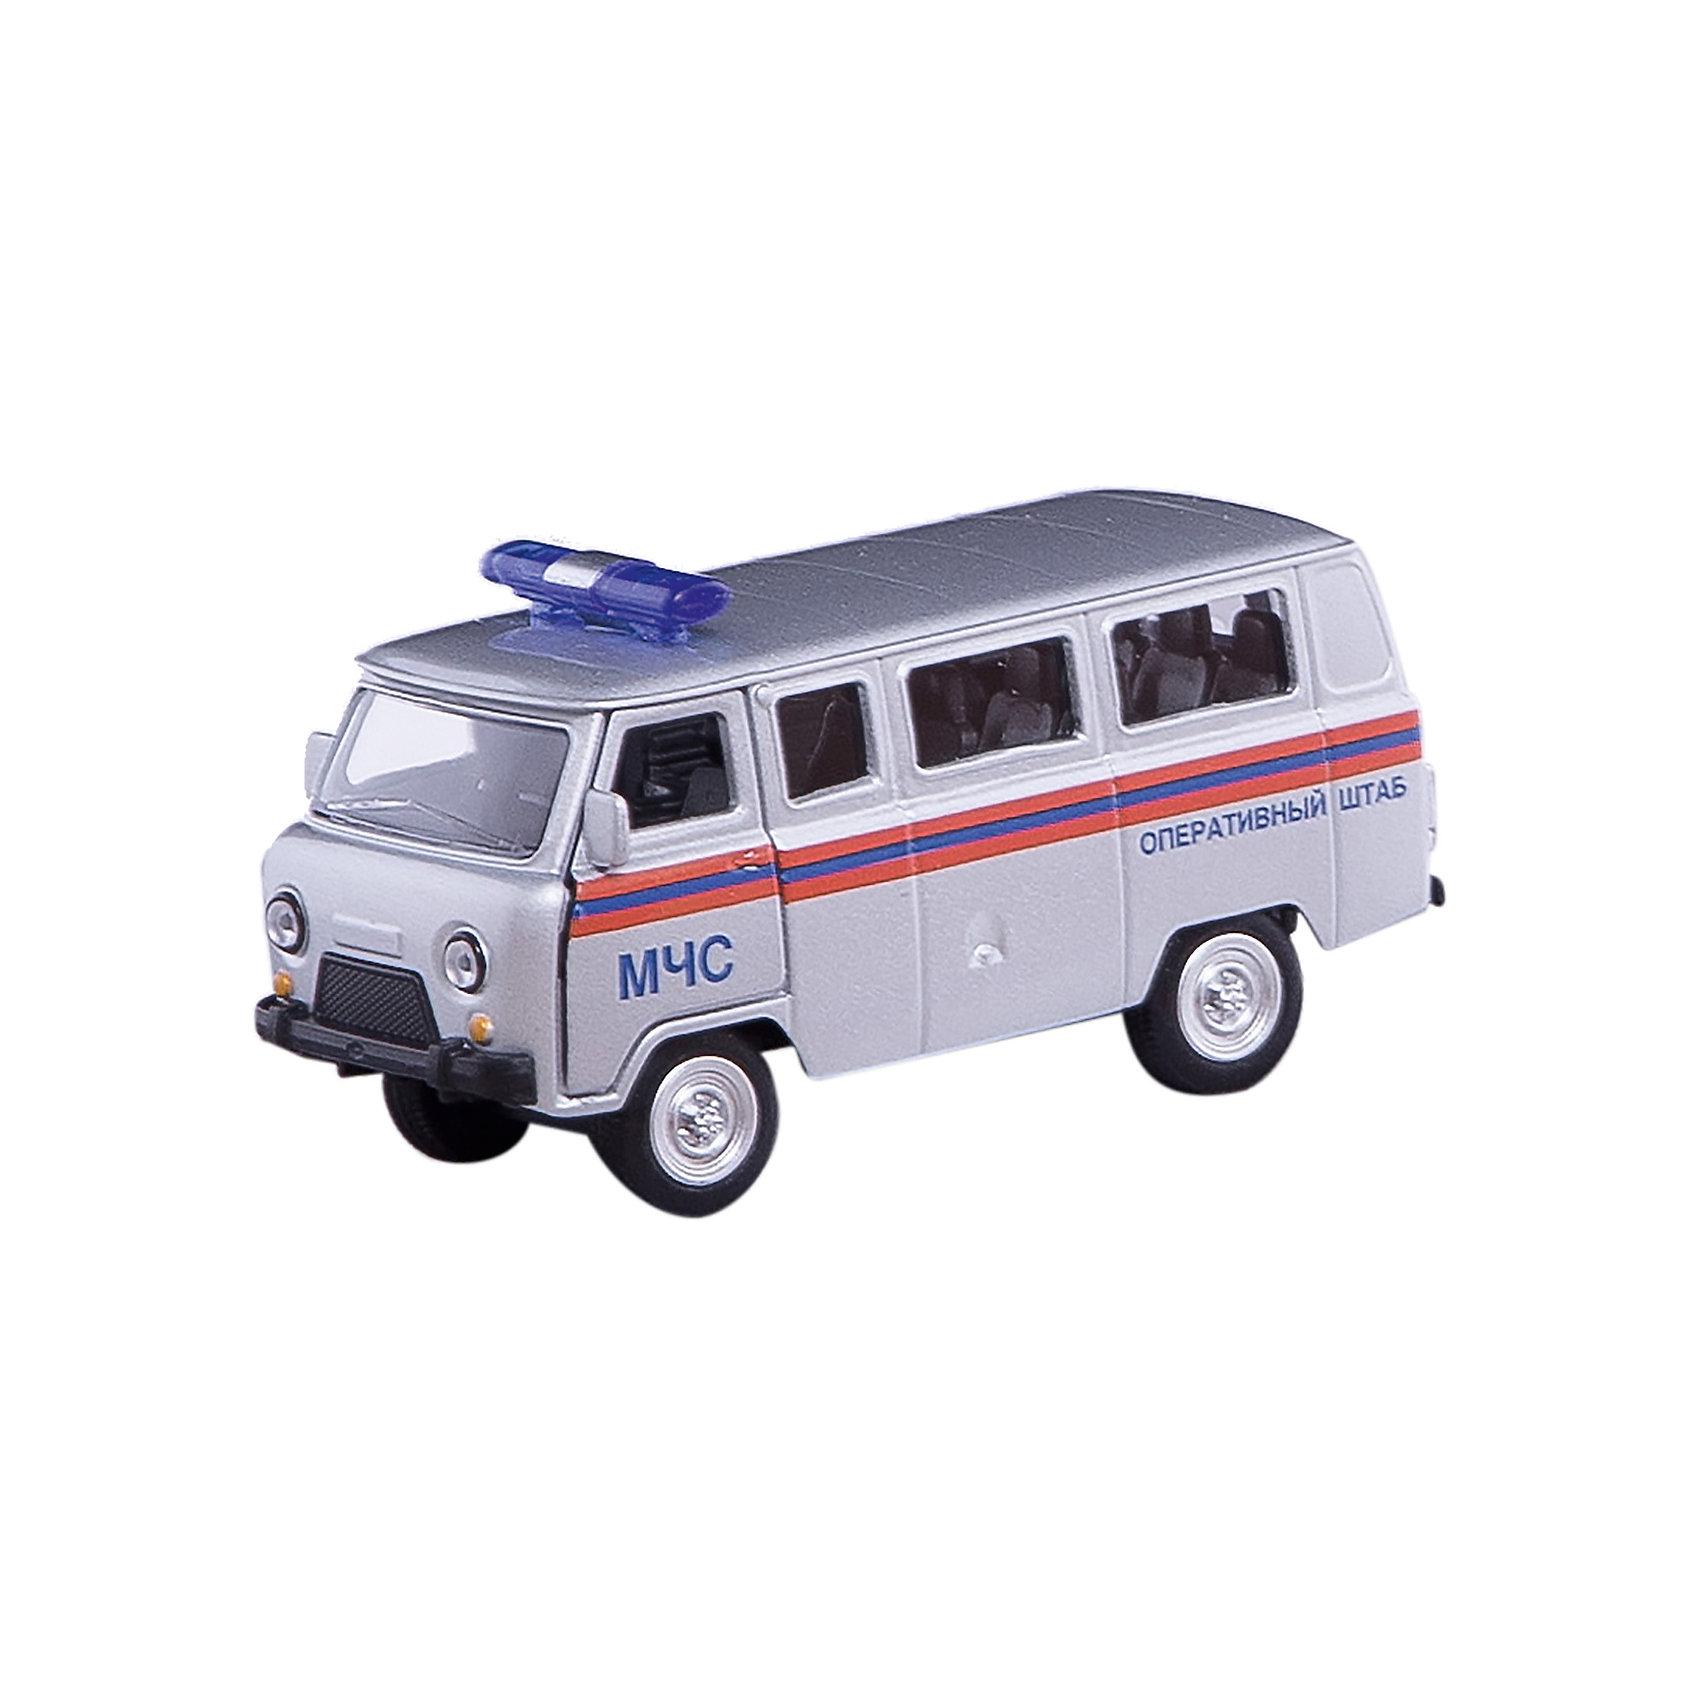 Машина  УАЗ 39625Машинки<br>Играть с машинами обожает множество современных мальчишек, поэтому машина УАЗ 39625, выглядящая почти как настоящая, обязательно порадует ребенка. Такие игрушки помогают детям развивать воображение, мелкую моторику, логику и творческое мышление.<br>Машина прекрасно детализирована, имеет металлический корпус, резиновые колеса, прочные прозрачные стекла. Игрушка дополнена инерционным механизмом, двери у нее открываются и закрываются. Это отличный подарок маленькому мужчине!<br><br>Дополнительная информация:<br><br>цвет: разноцветный;<br>размер коробки: 6 х 15 х 13 см;<br>вес: 150 г;<br>материал: металл, пластик, резина;<br>инерционный механизм.<br><br>Машину УАЗ 39625 можно купить в нашем магазине.<br><br>Ширина мм: 60<br>Глубина мм: 150<br>Высота мм: 130<br>Вес г: 150<br>Возраст от месяцев: 36<br>Возраст до месяцев: 72<br>Пол: Мужской<br>Возраст: Детский<br>SKU: 4913632